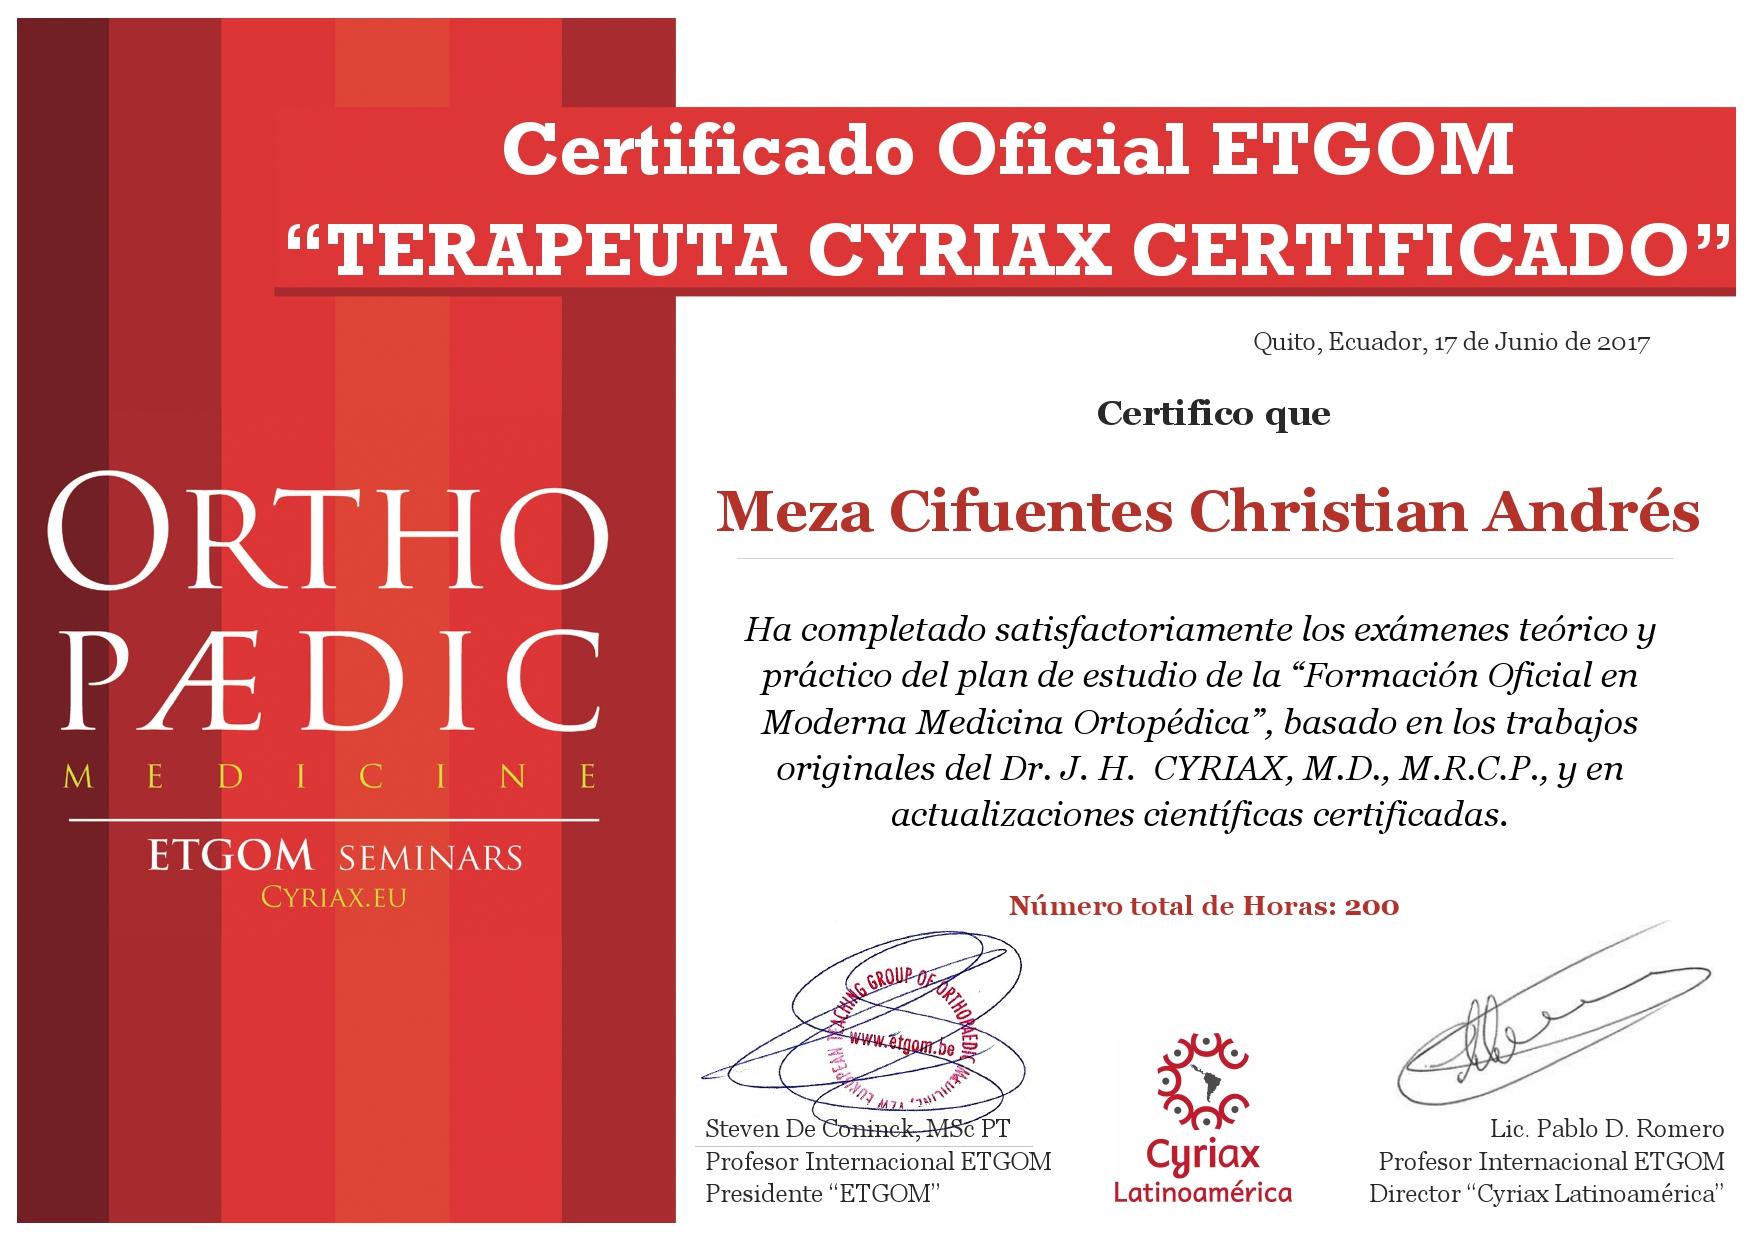 Meza Cifuentes Christian Andrés_00001